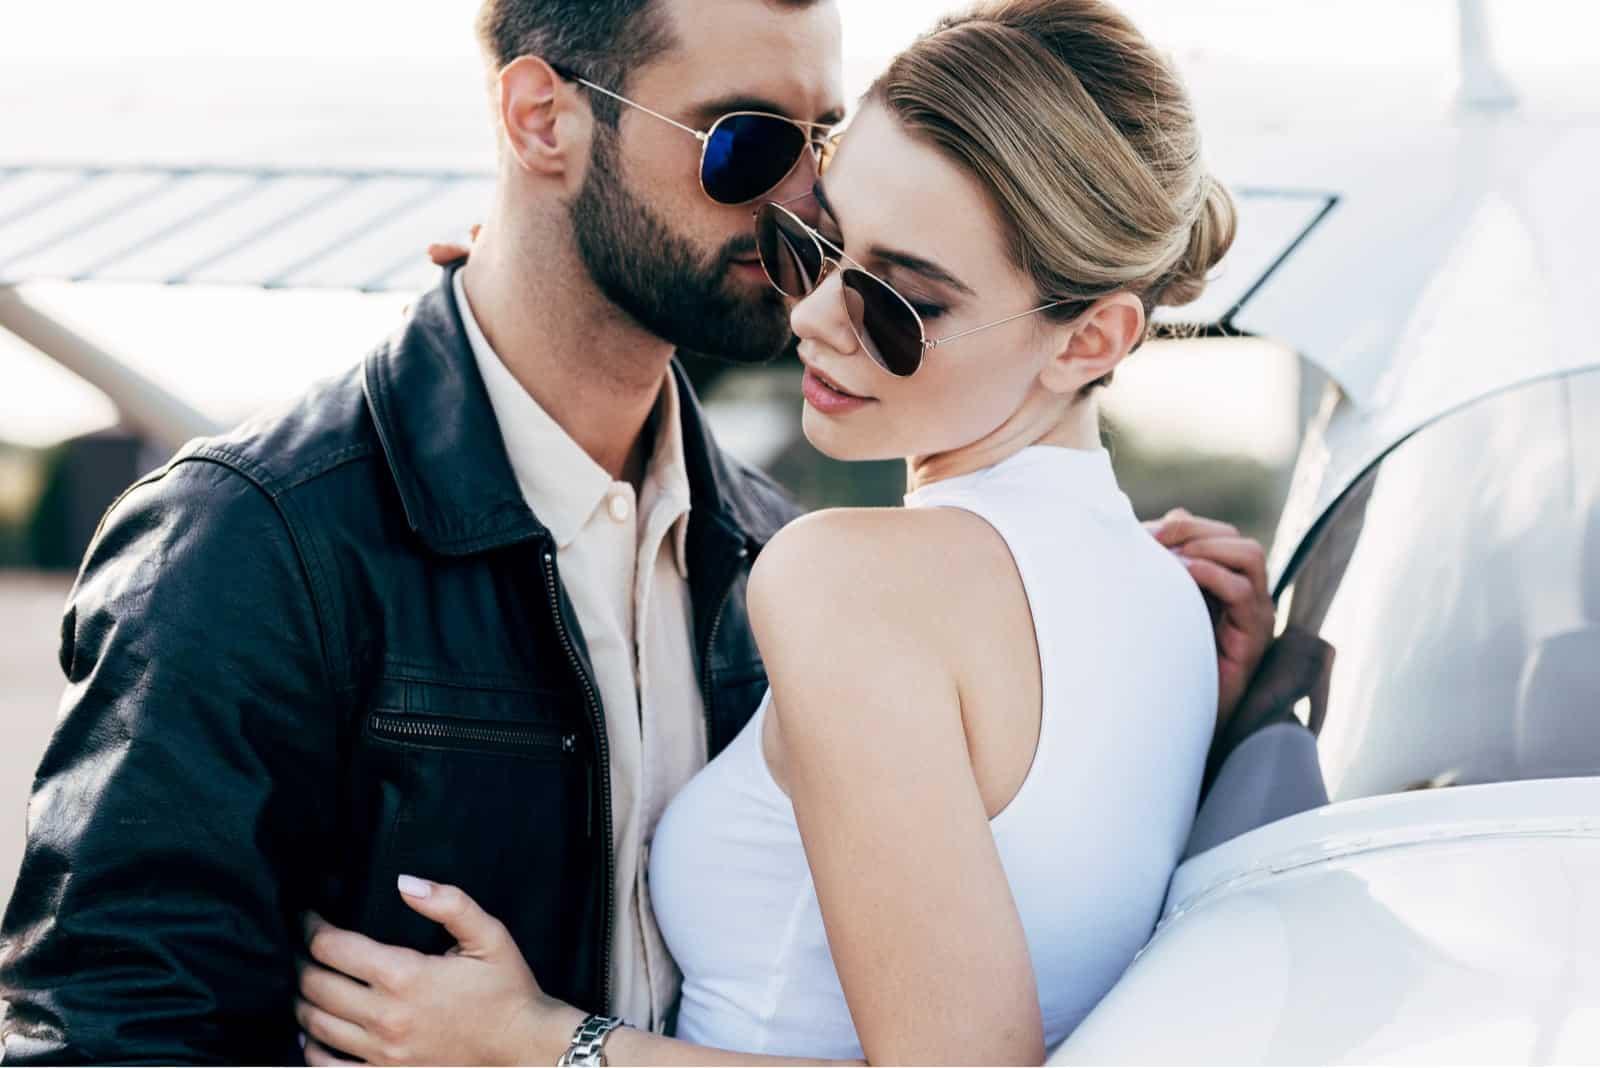 Mann-in-Leder-Jacke-und-Sonnenbrille-umarmen-attraktive-Freundin